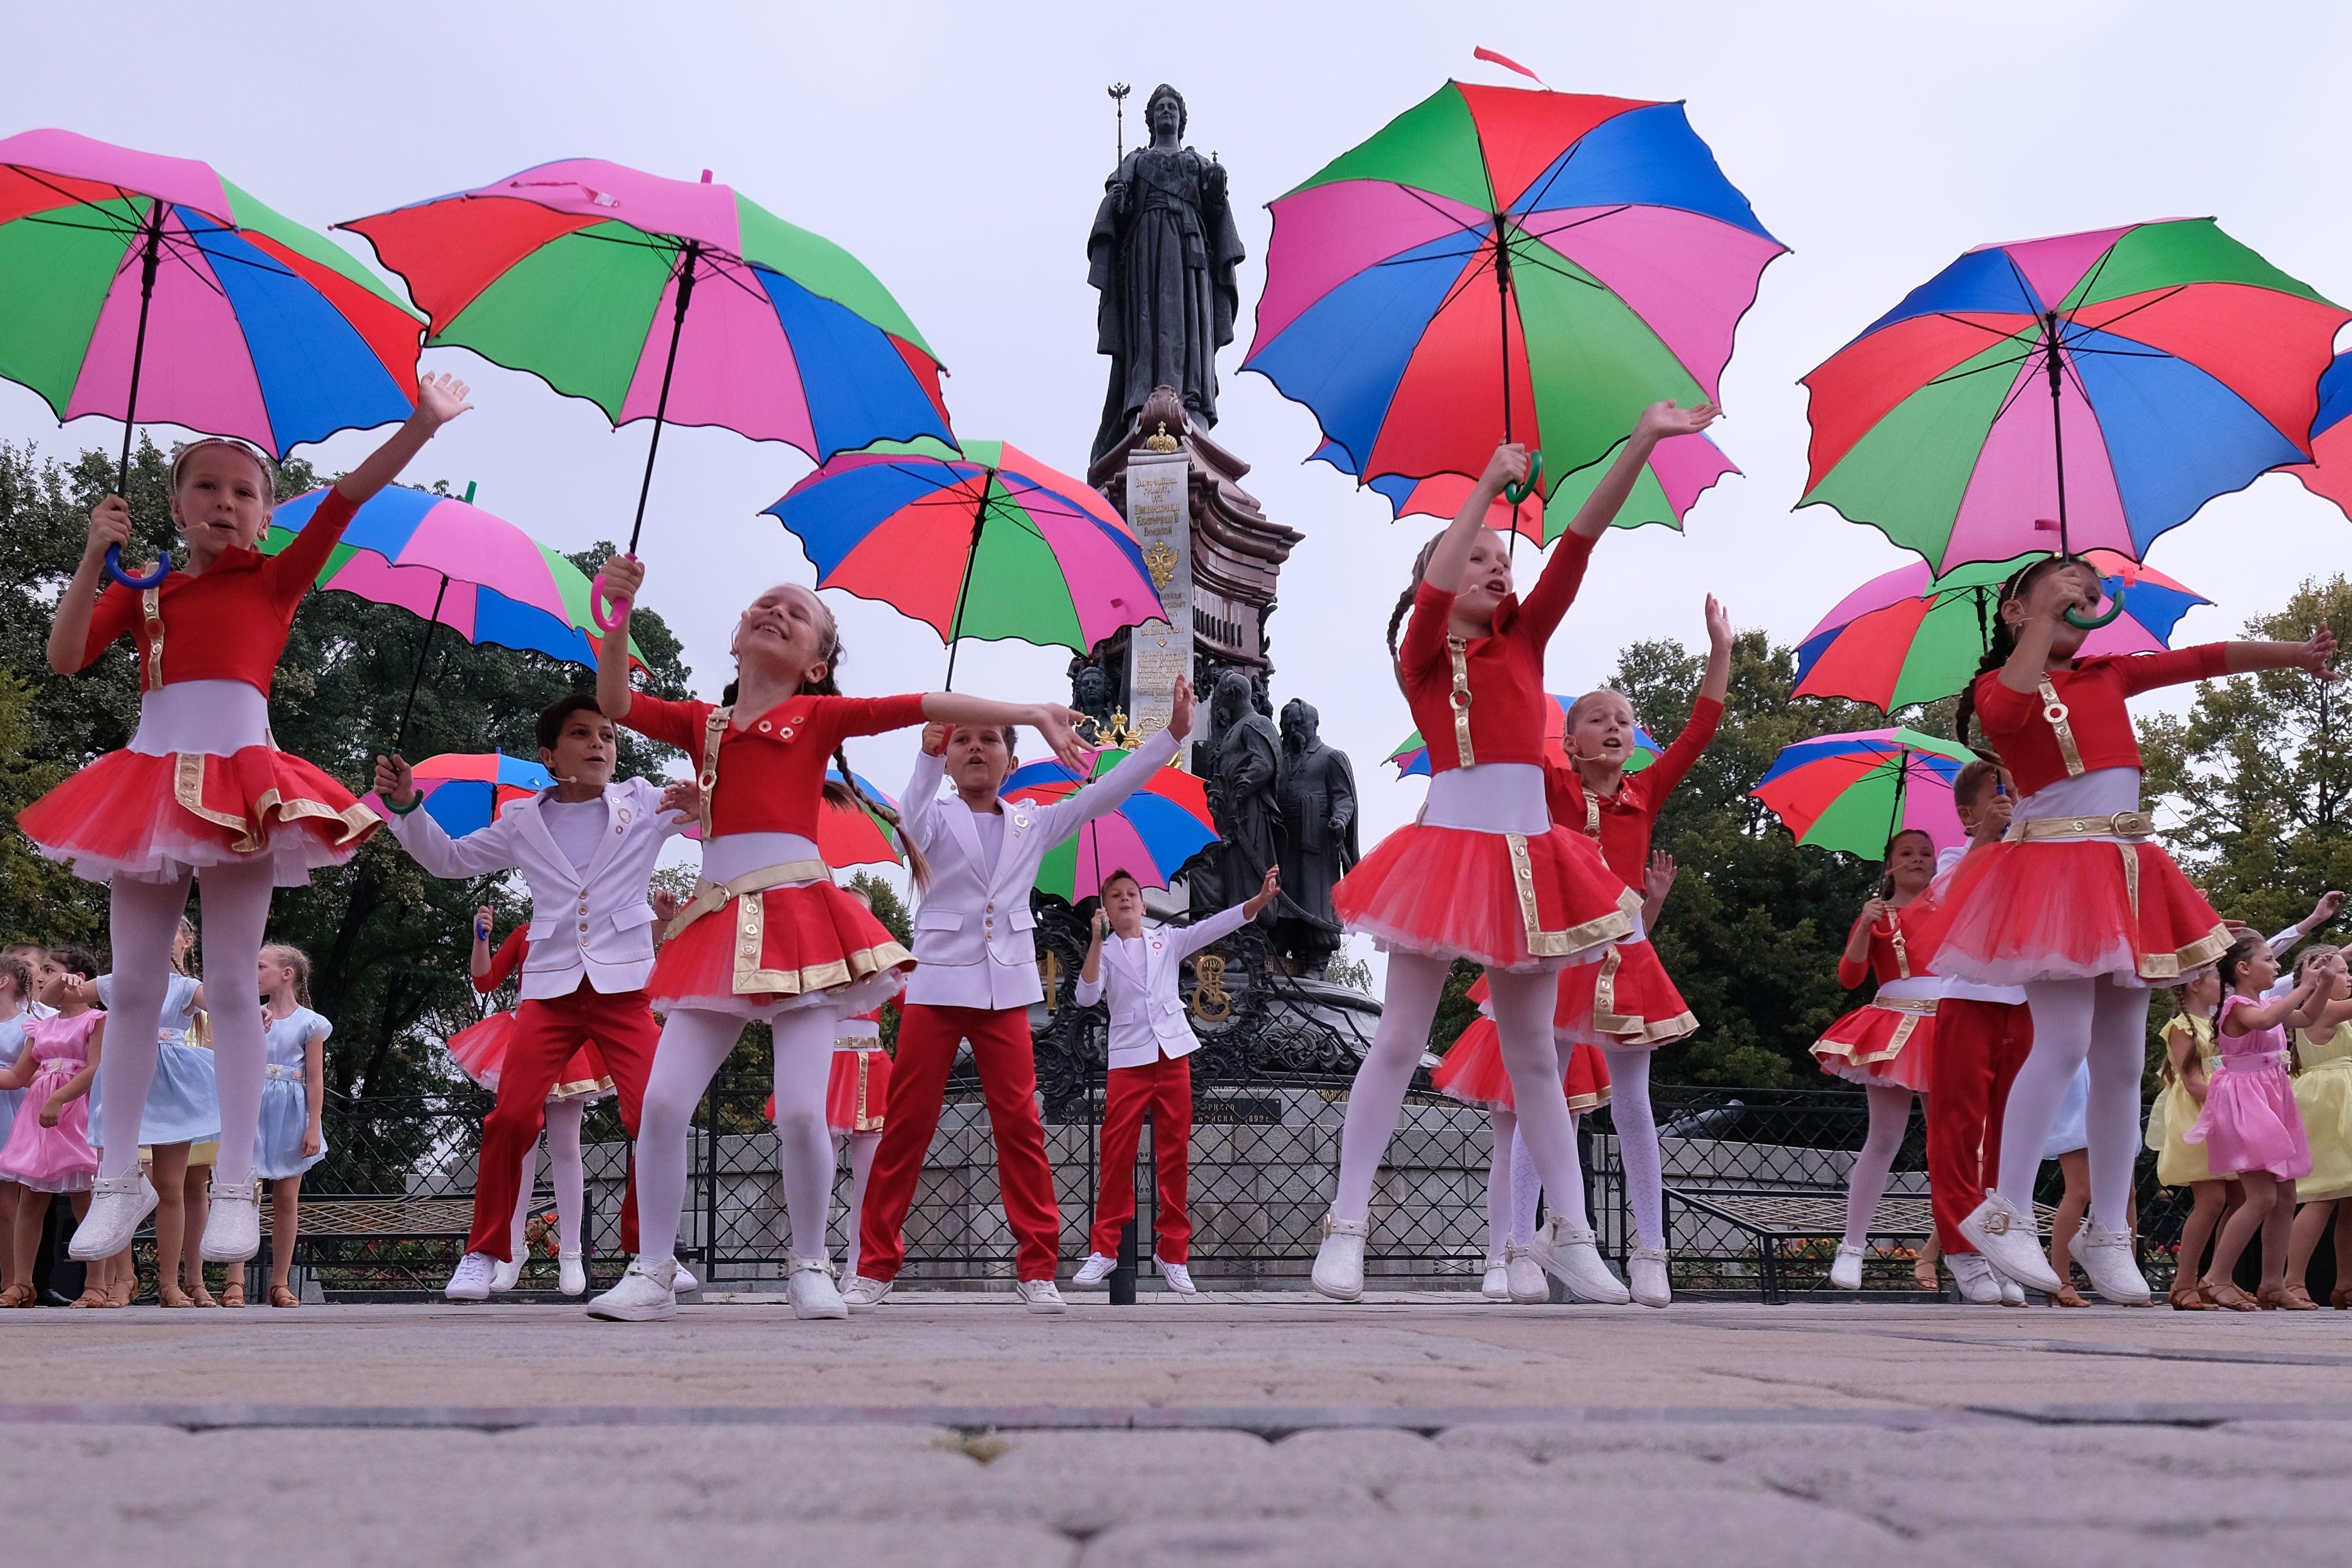 Кардиган оверсайз городская мода фото депутаты